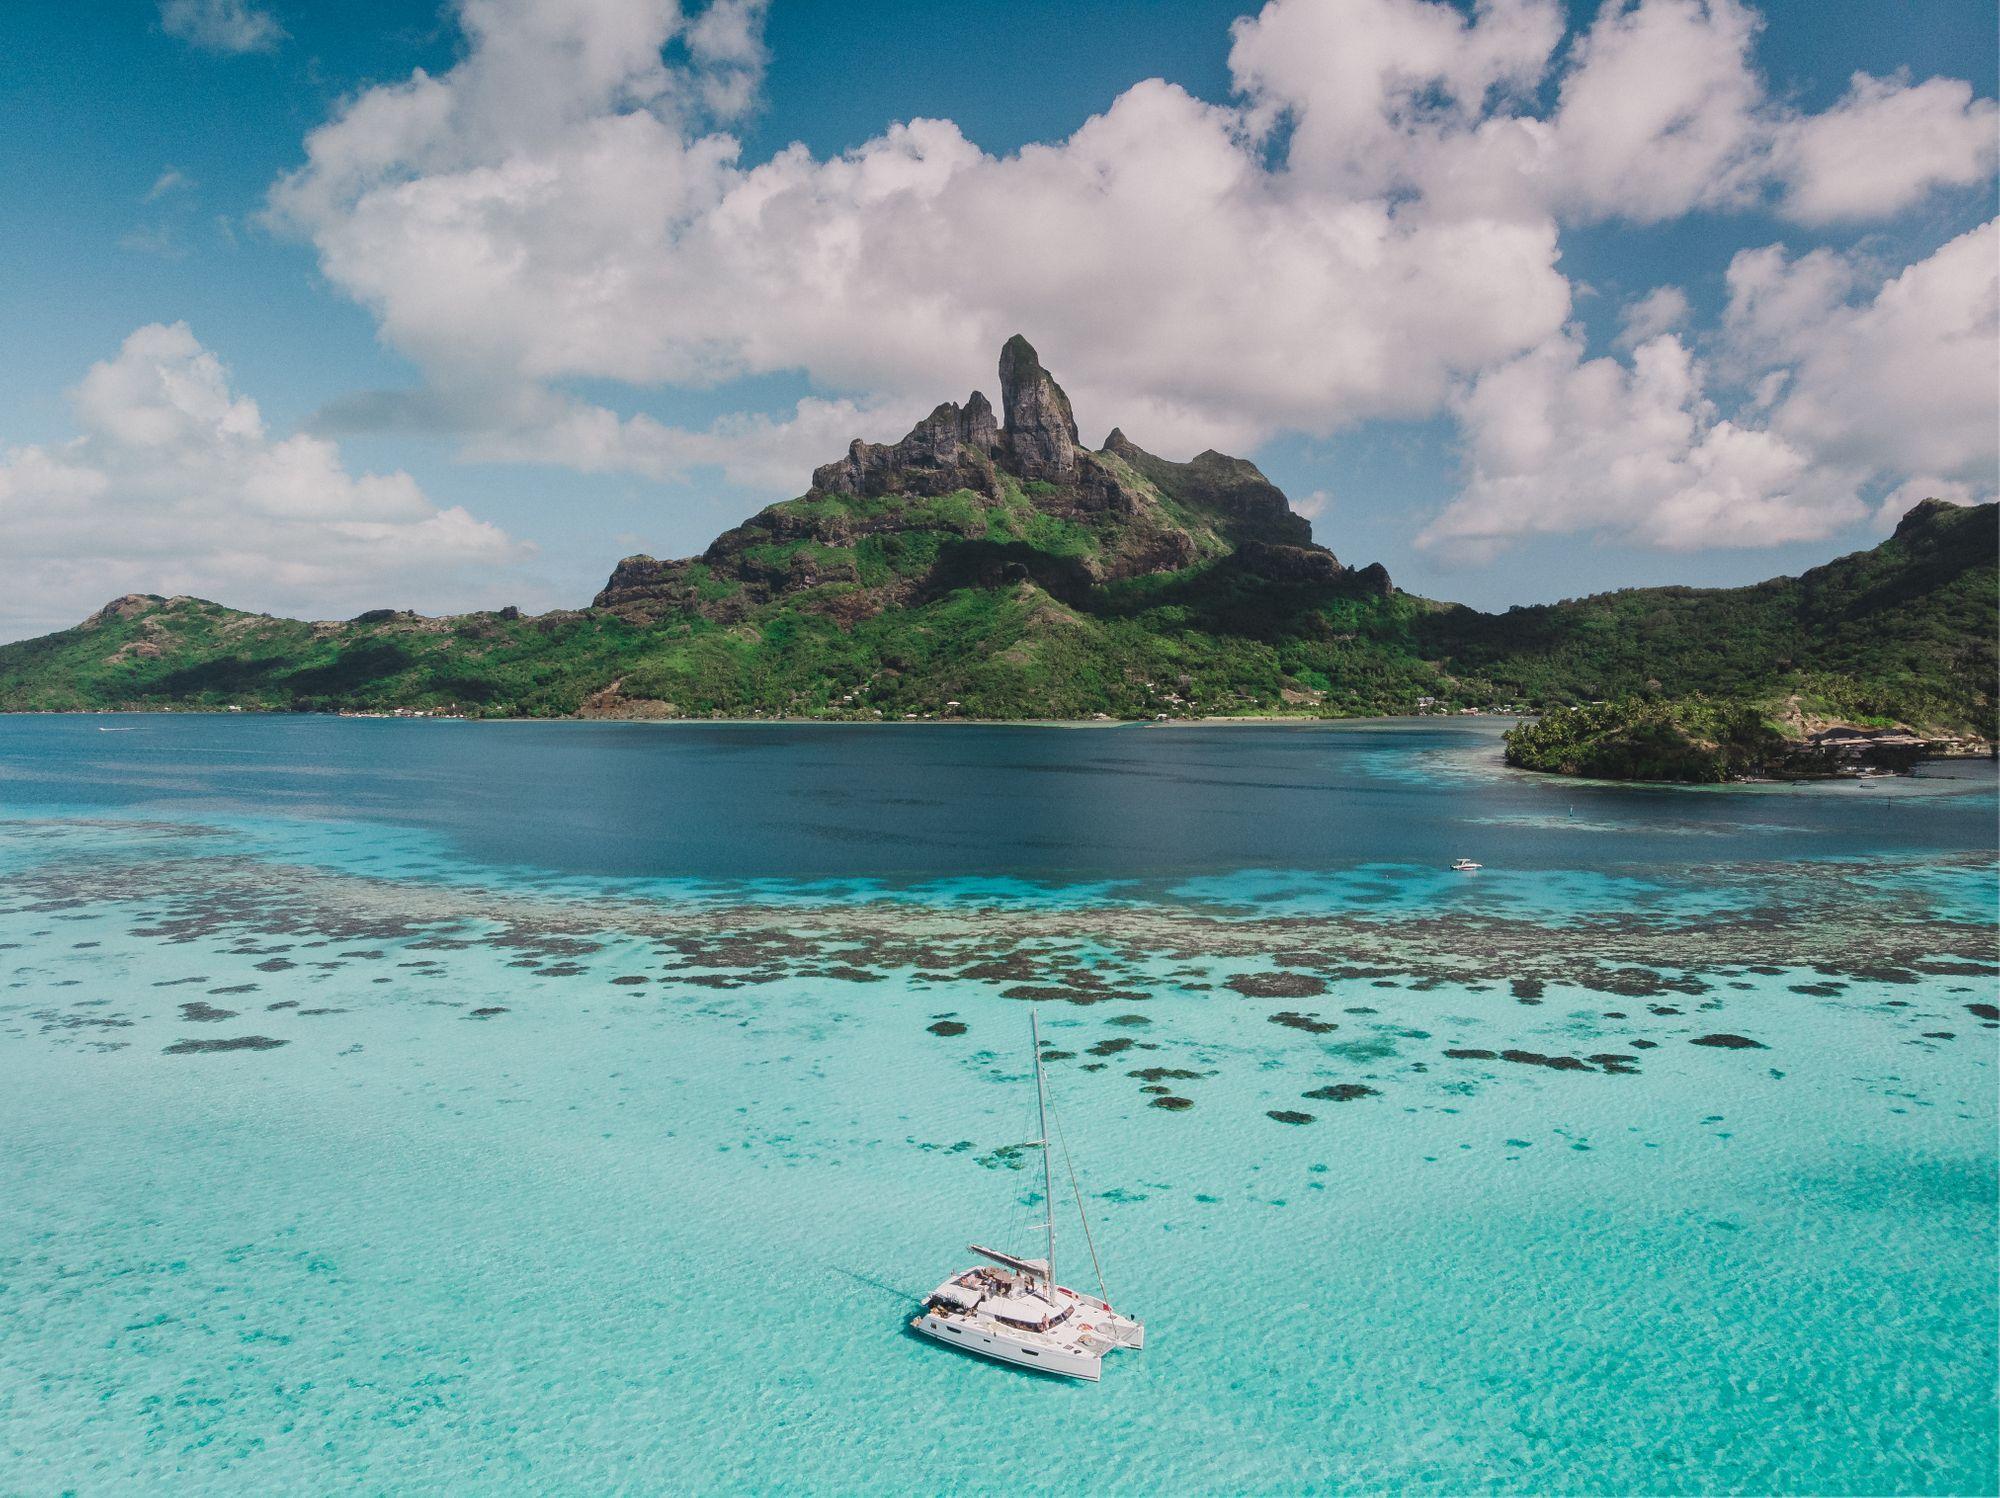 vue sur l'île de Moorea en Polynésie Française